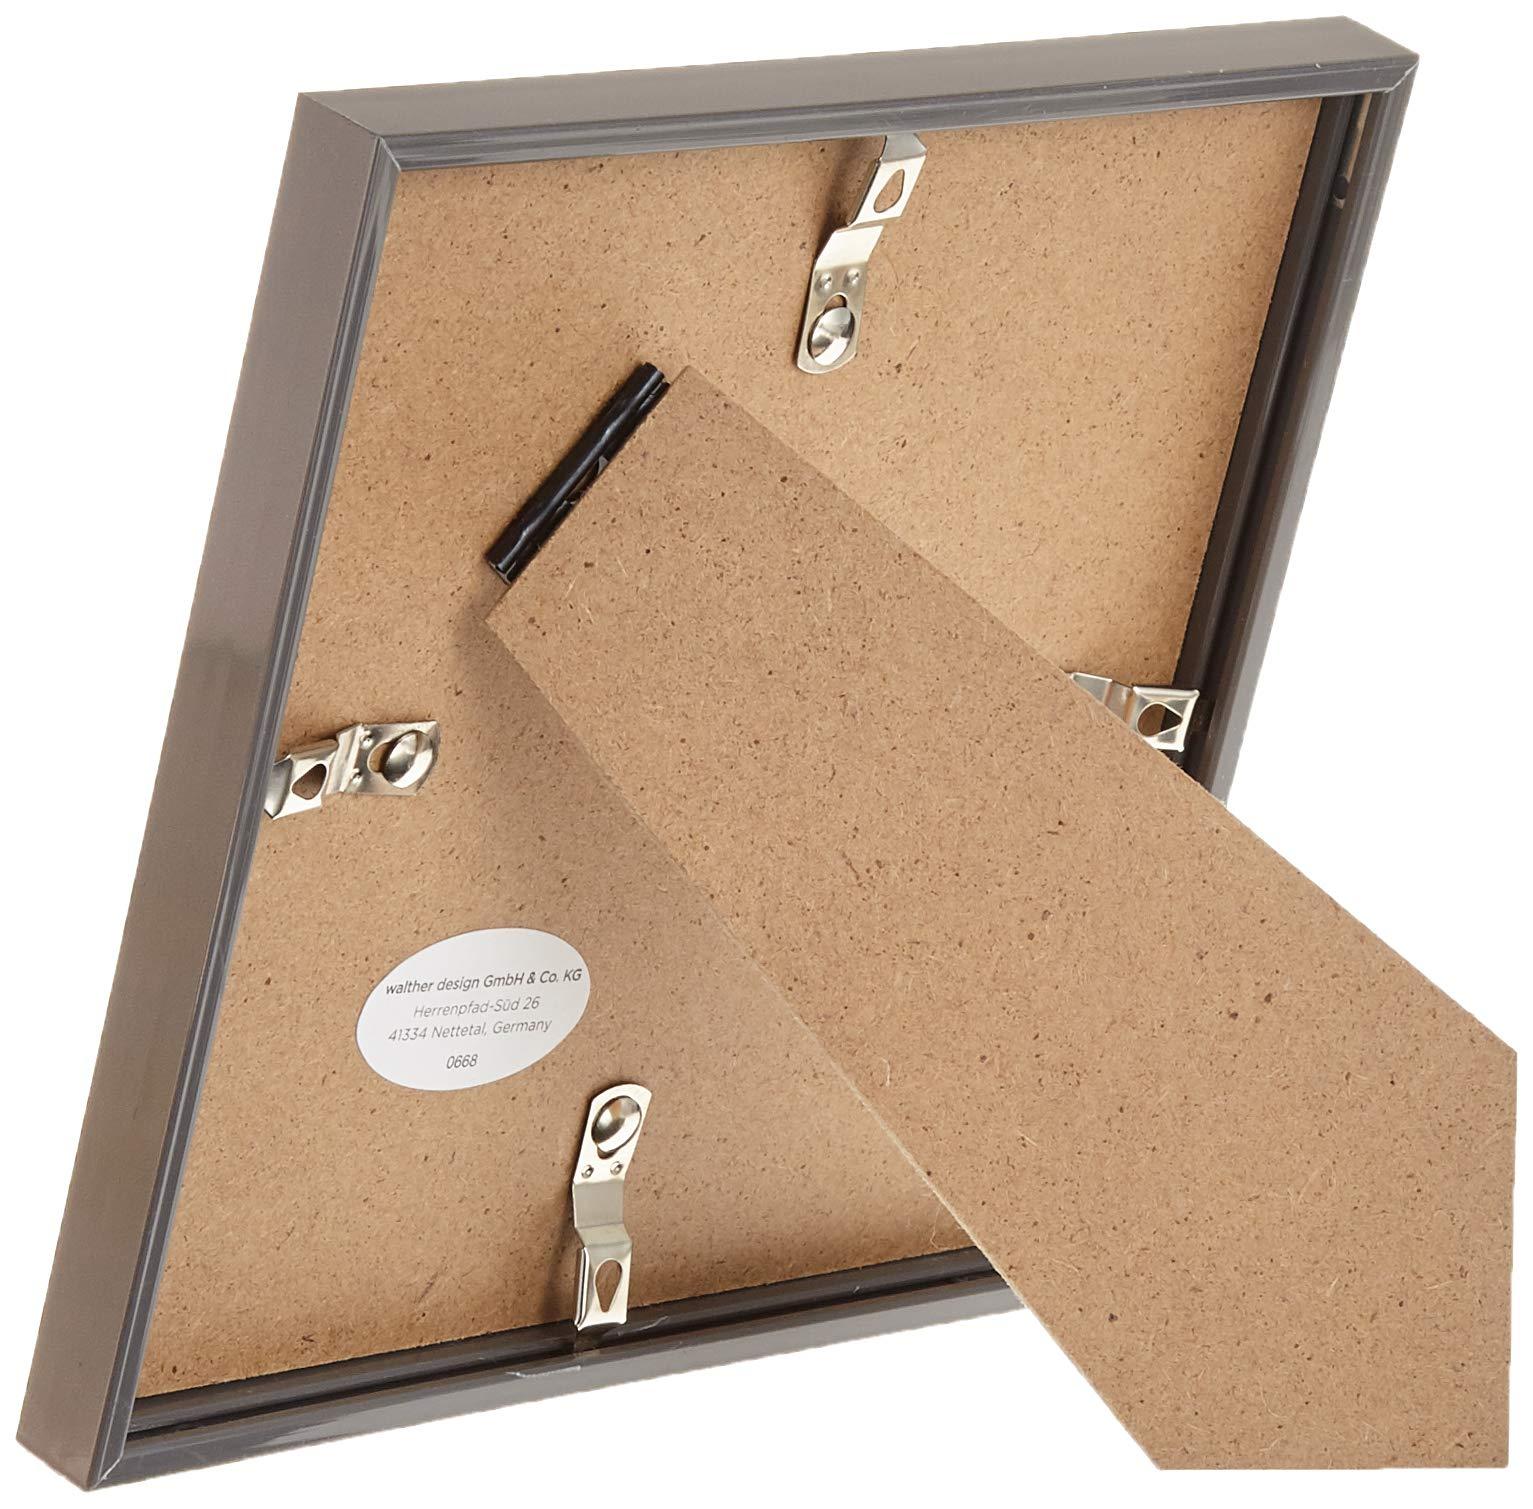 walther design New Lifestyle KST.Rahmen Marco de Fotos, Acero, 15x15 cm: Amazon.es: Hogar